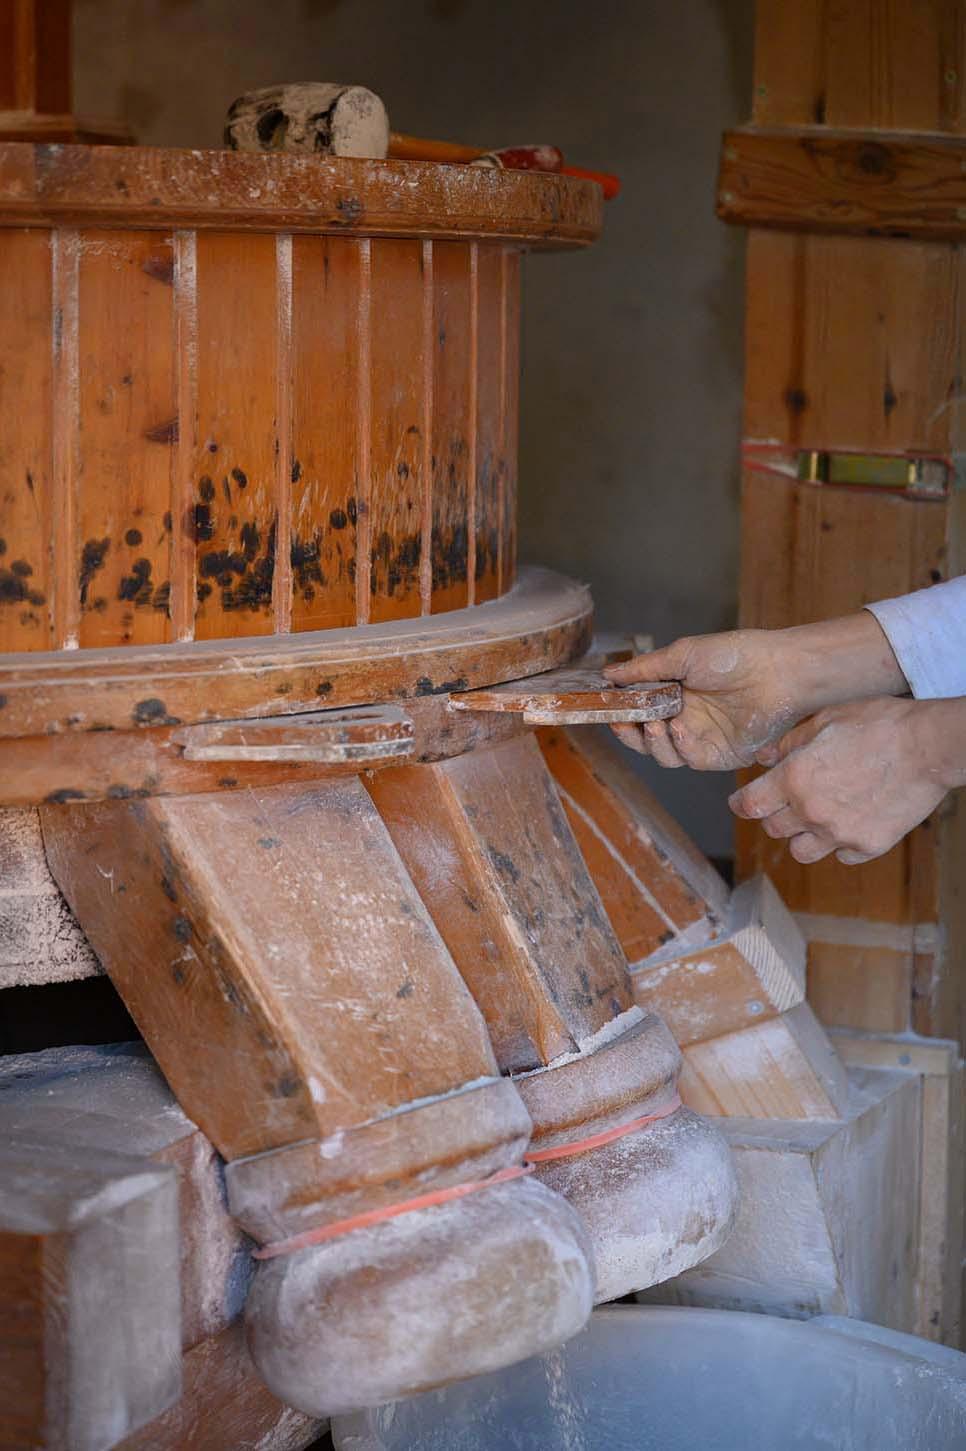 Verena verschließt die Mühle nach dem Mahlen des Mehls